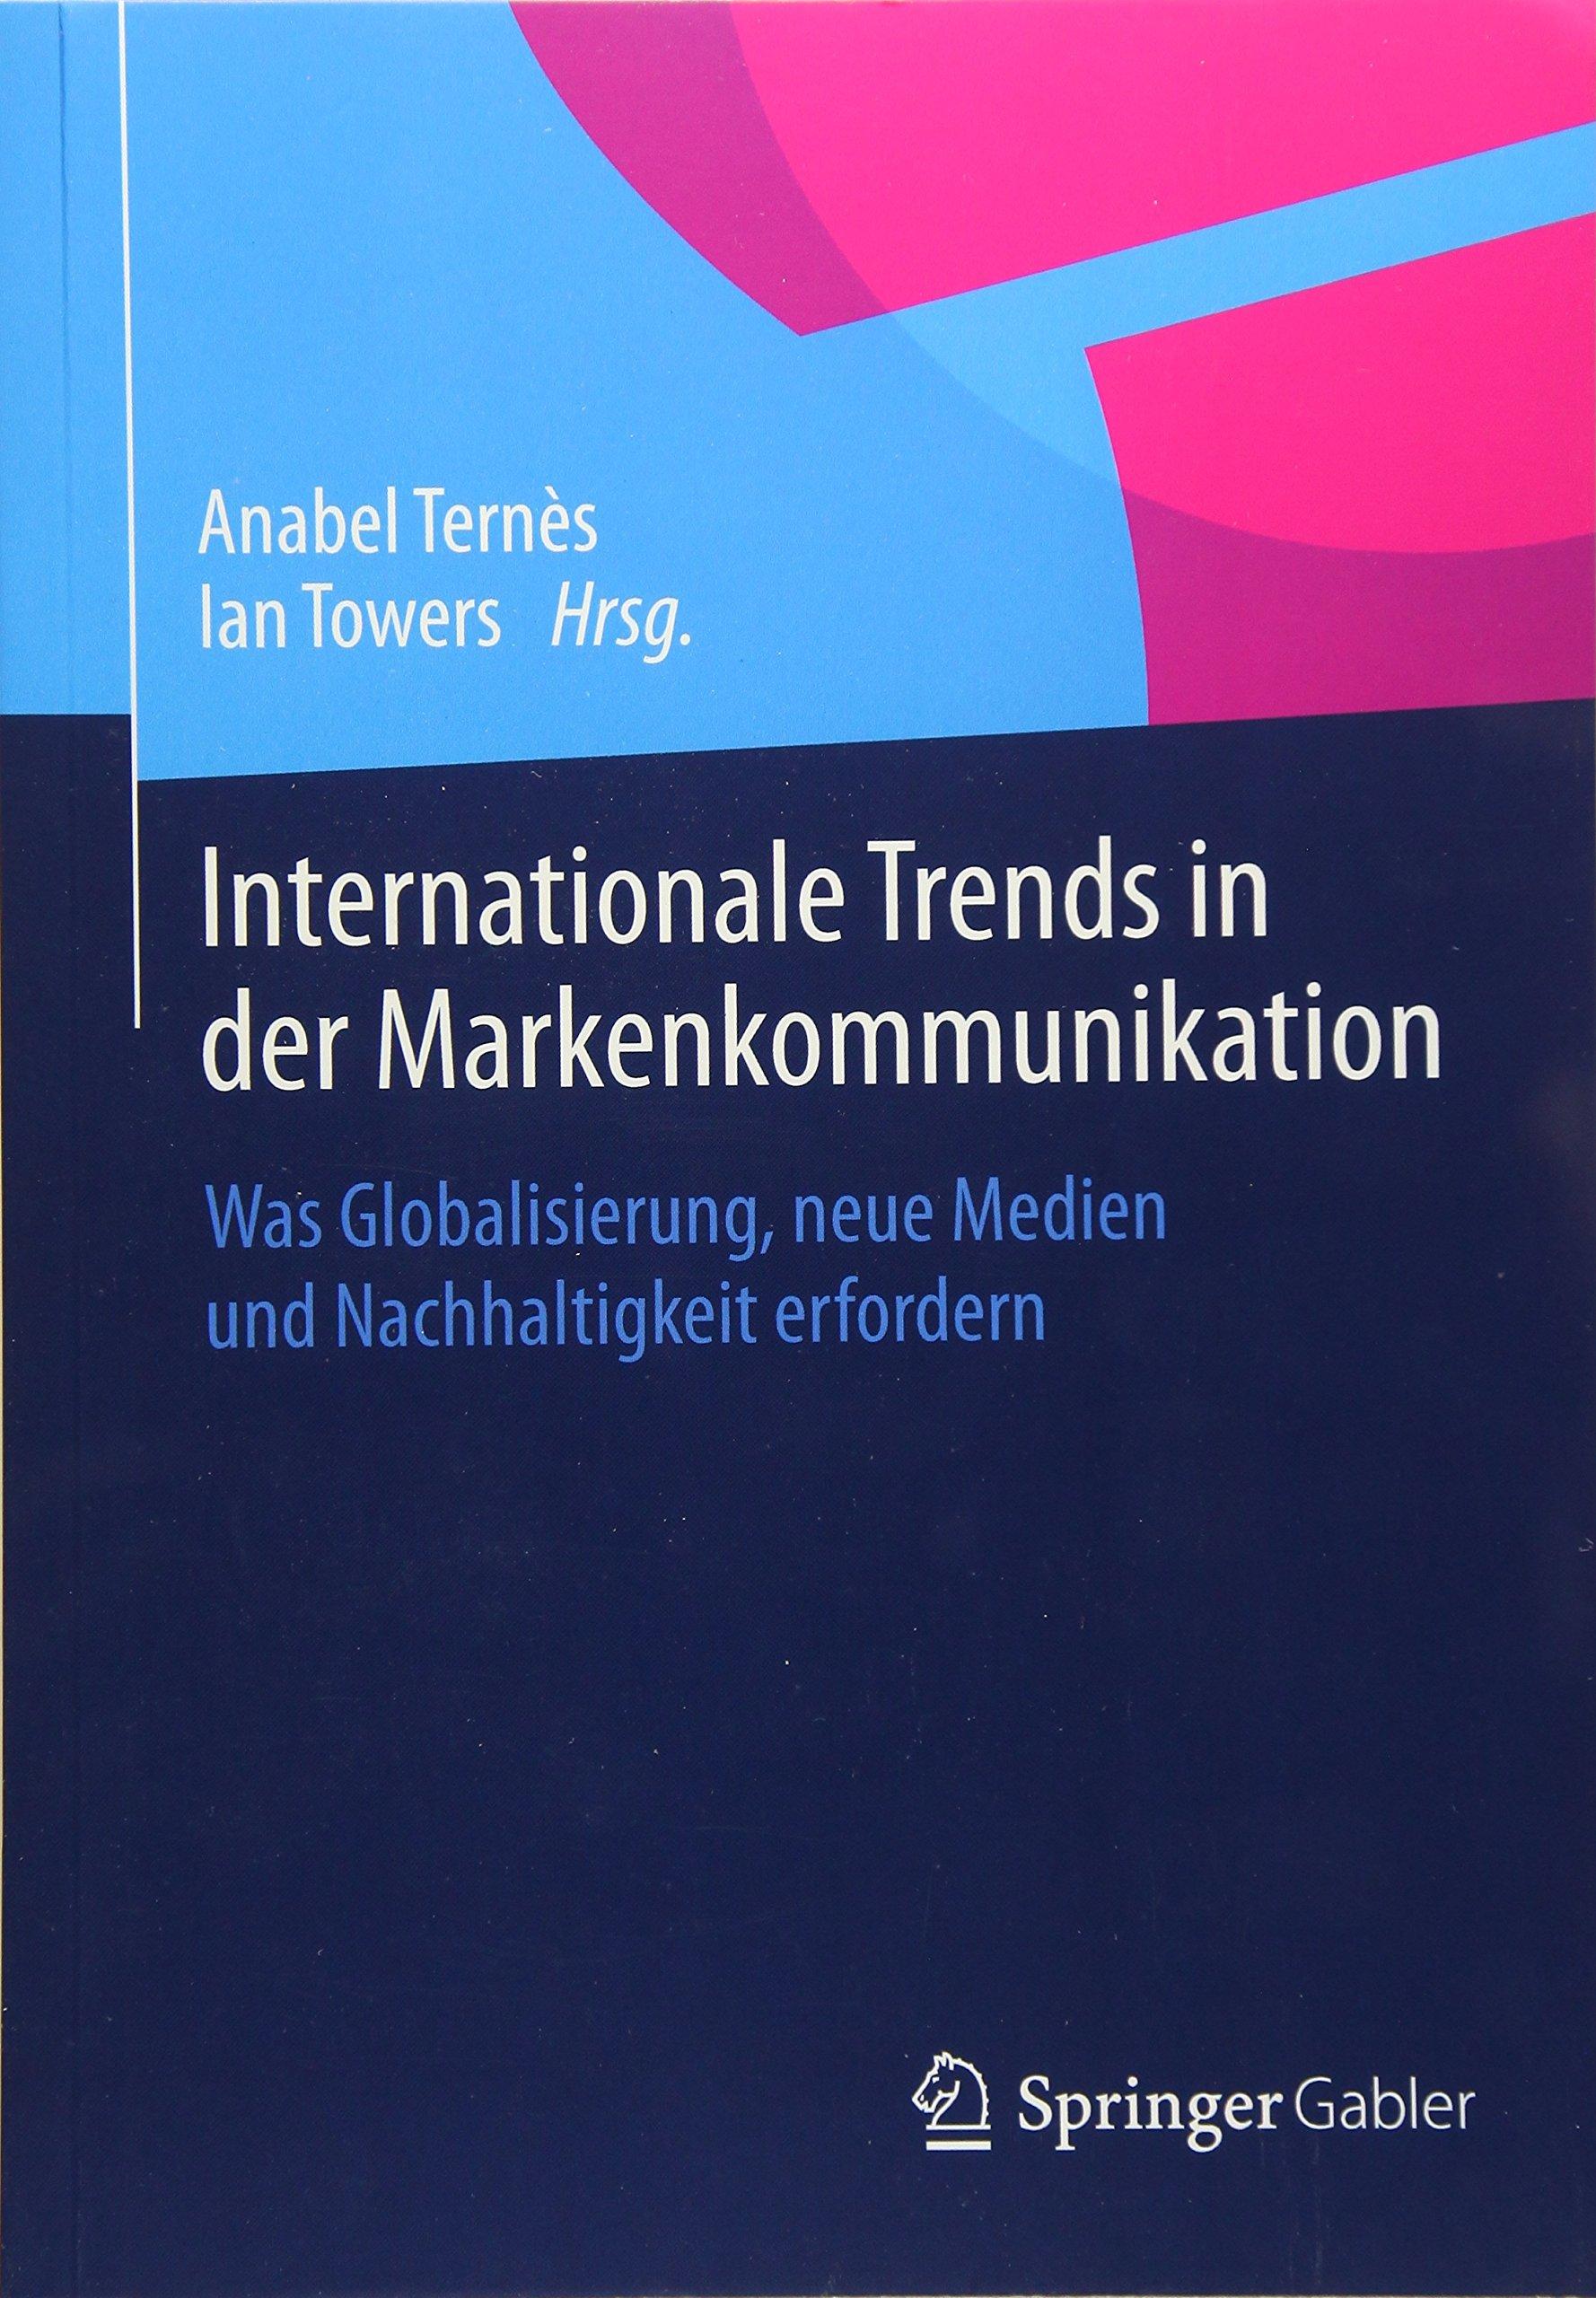 Internationale Trends in der Markenkommunikation: Was Globalisierung, neue Medien und Nachhaltigkeit erfordern